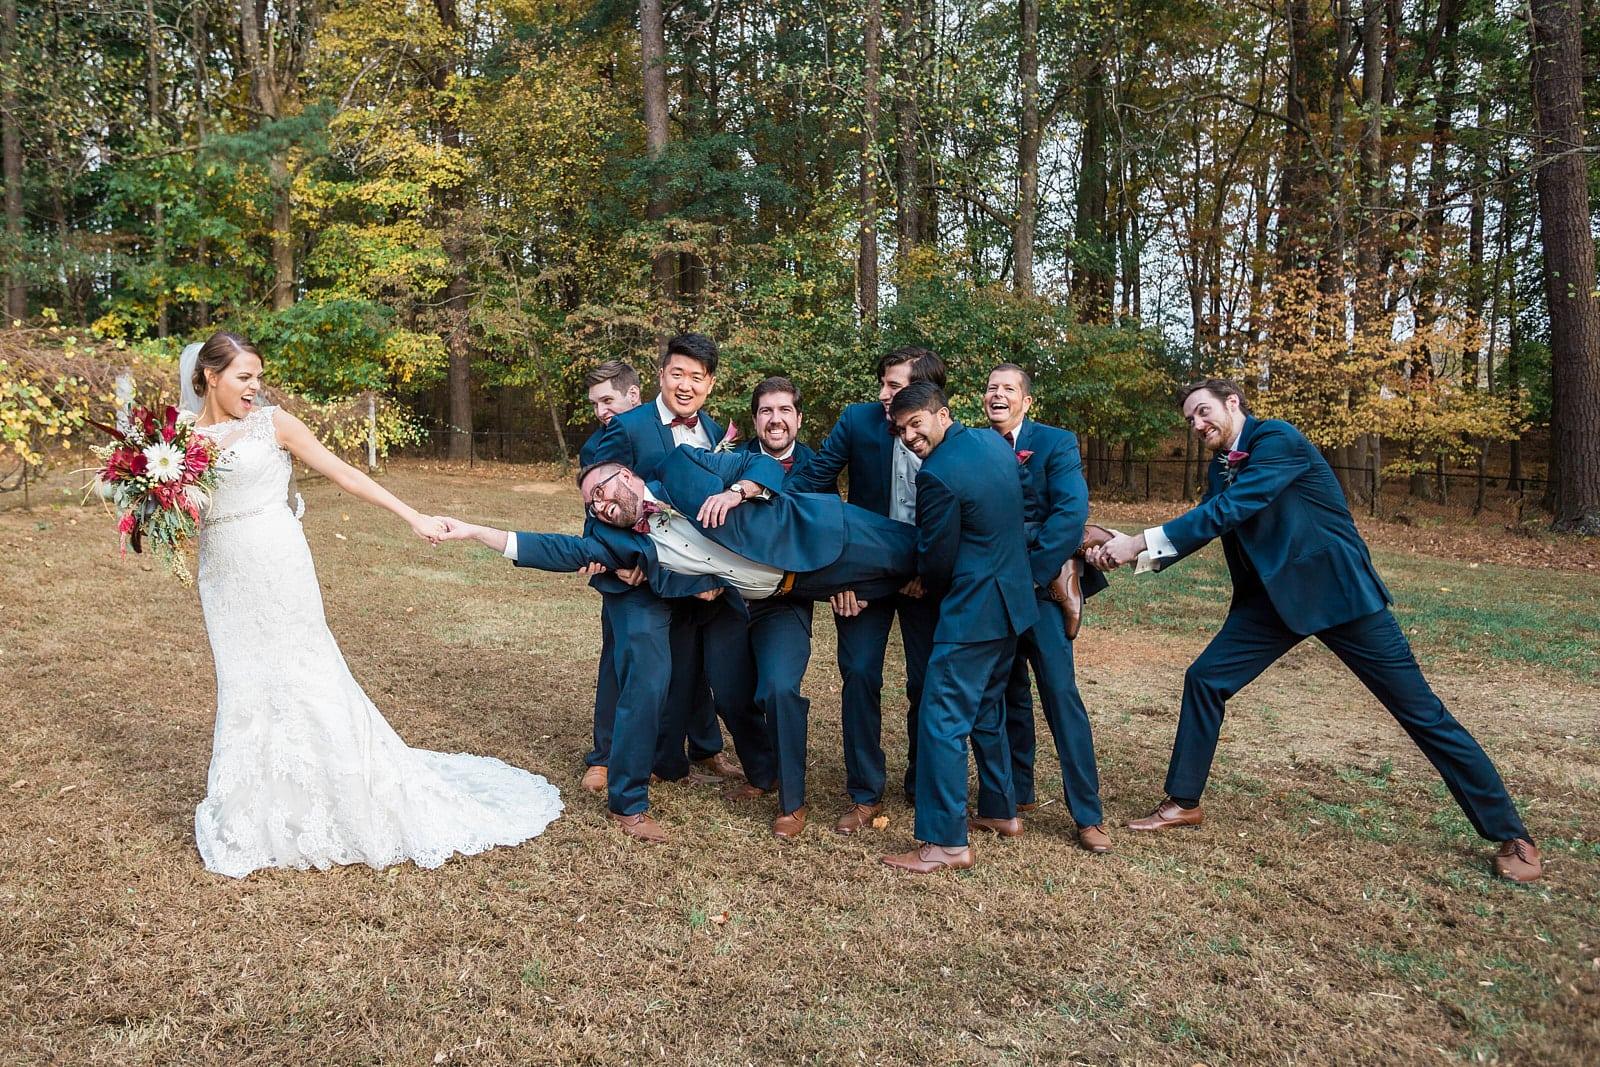 bride pulls groom from groomsmen